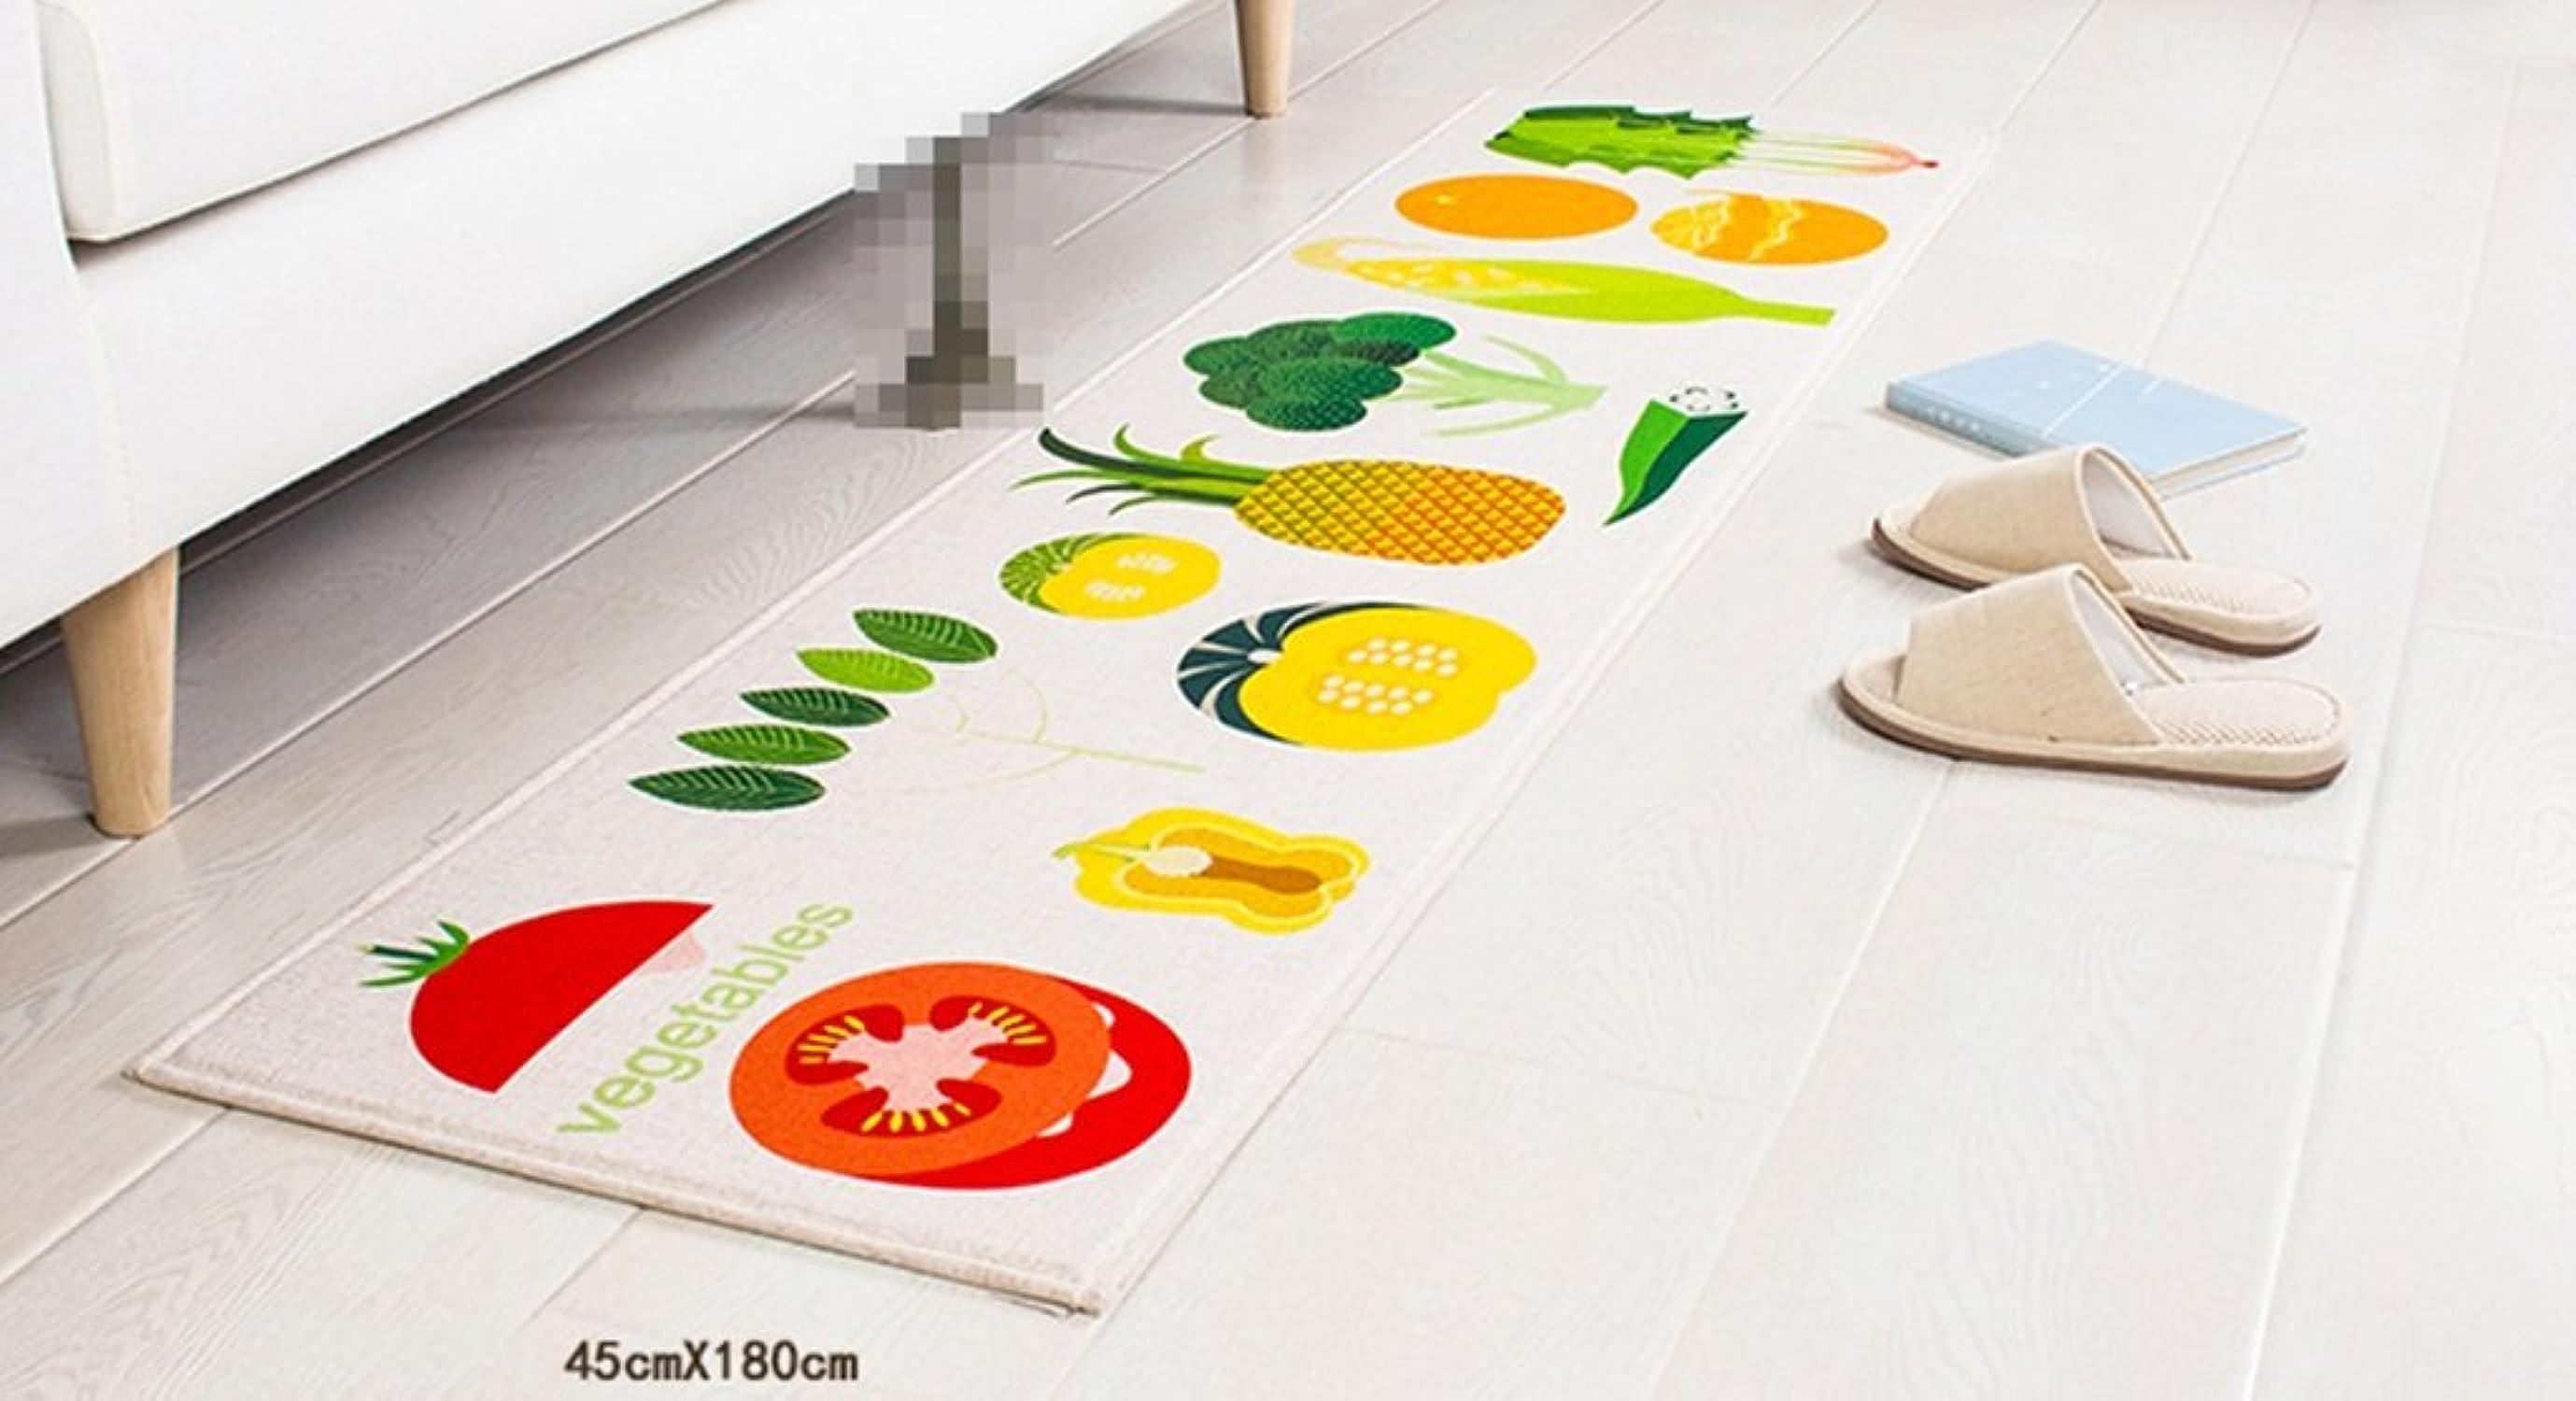 Yuanqi carpet Tapetes para el hogar, Rectángulo de Seguridad Antideslizante Alfombra de succión Sala de Estar Dormitorio de la Cocina Estudio del Hotel Estilo del cortijo Grosor 1CM